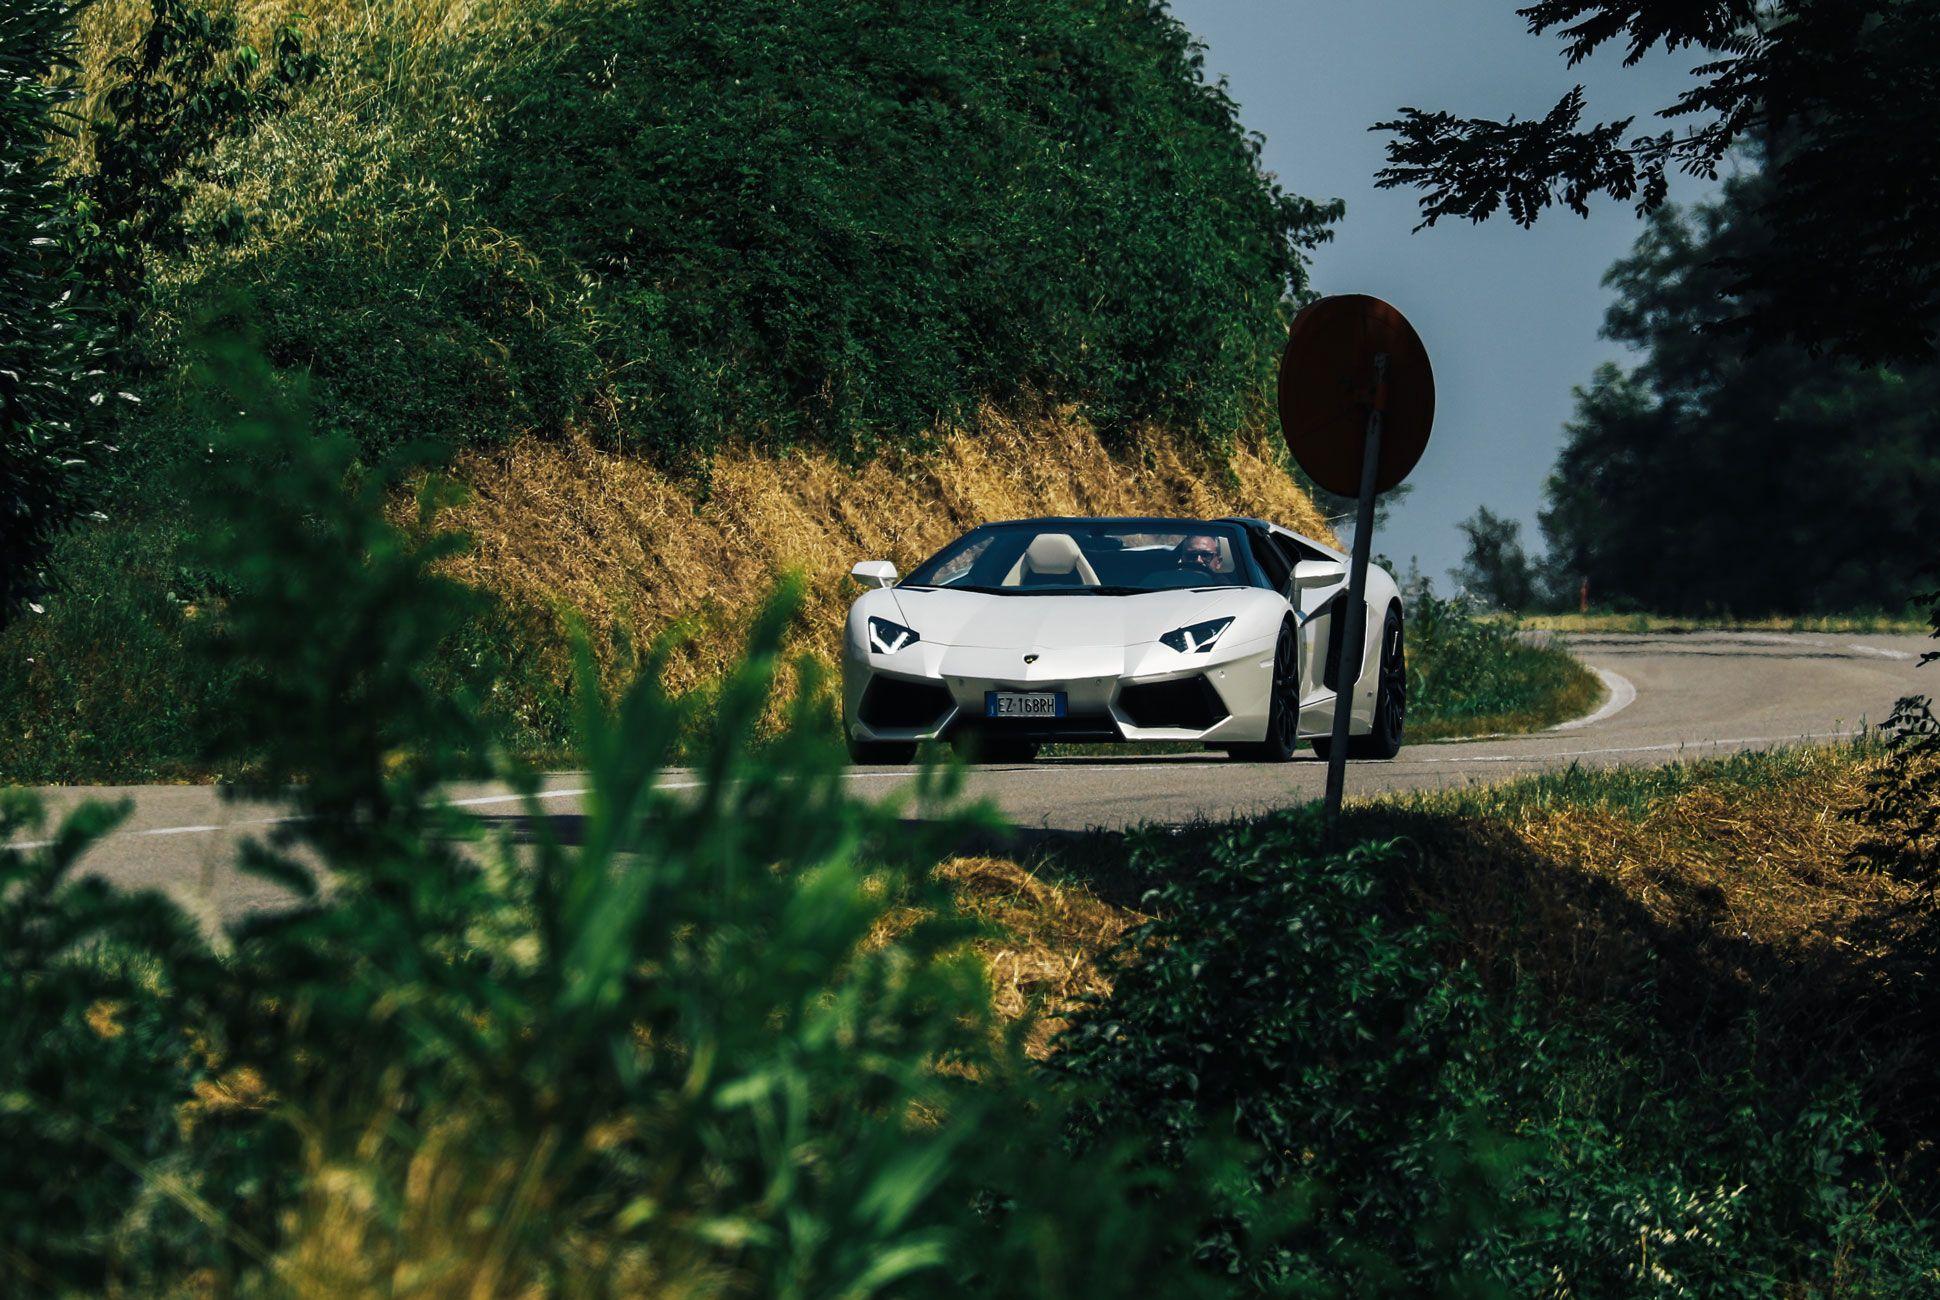 Lamborghini-Aventador-Roadster-Gear-Patrol-Slide-10